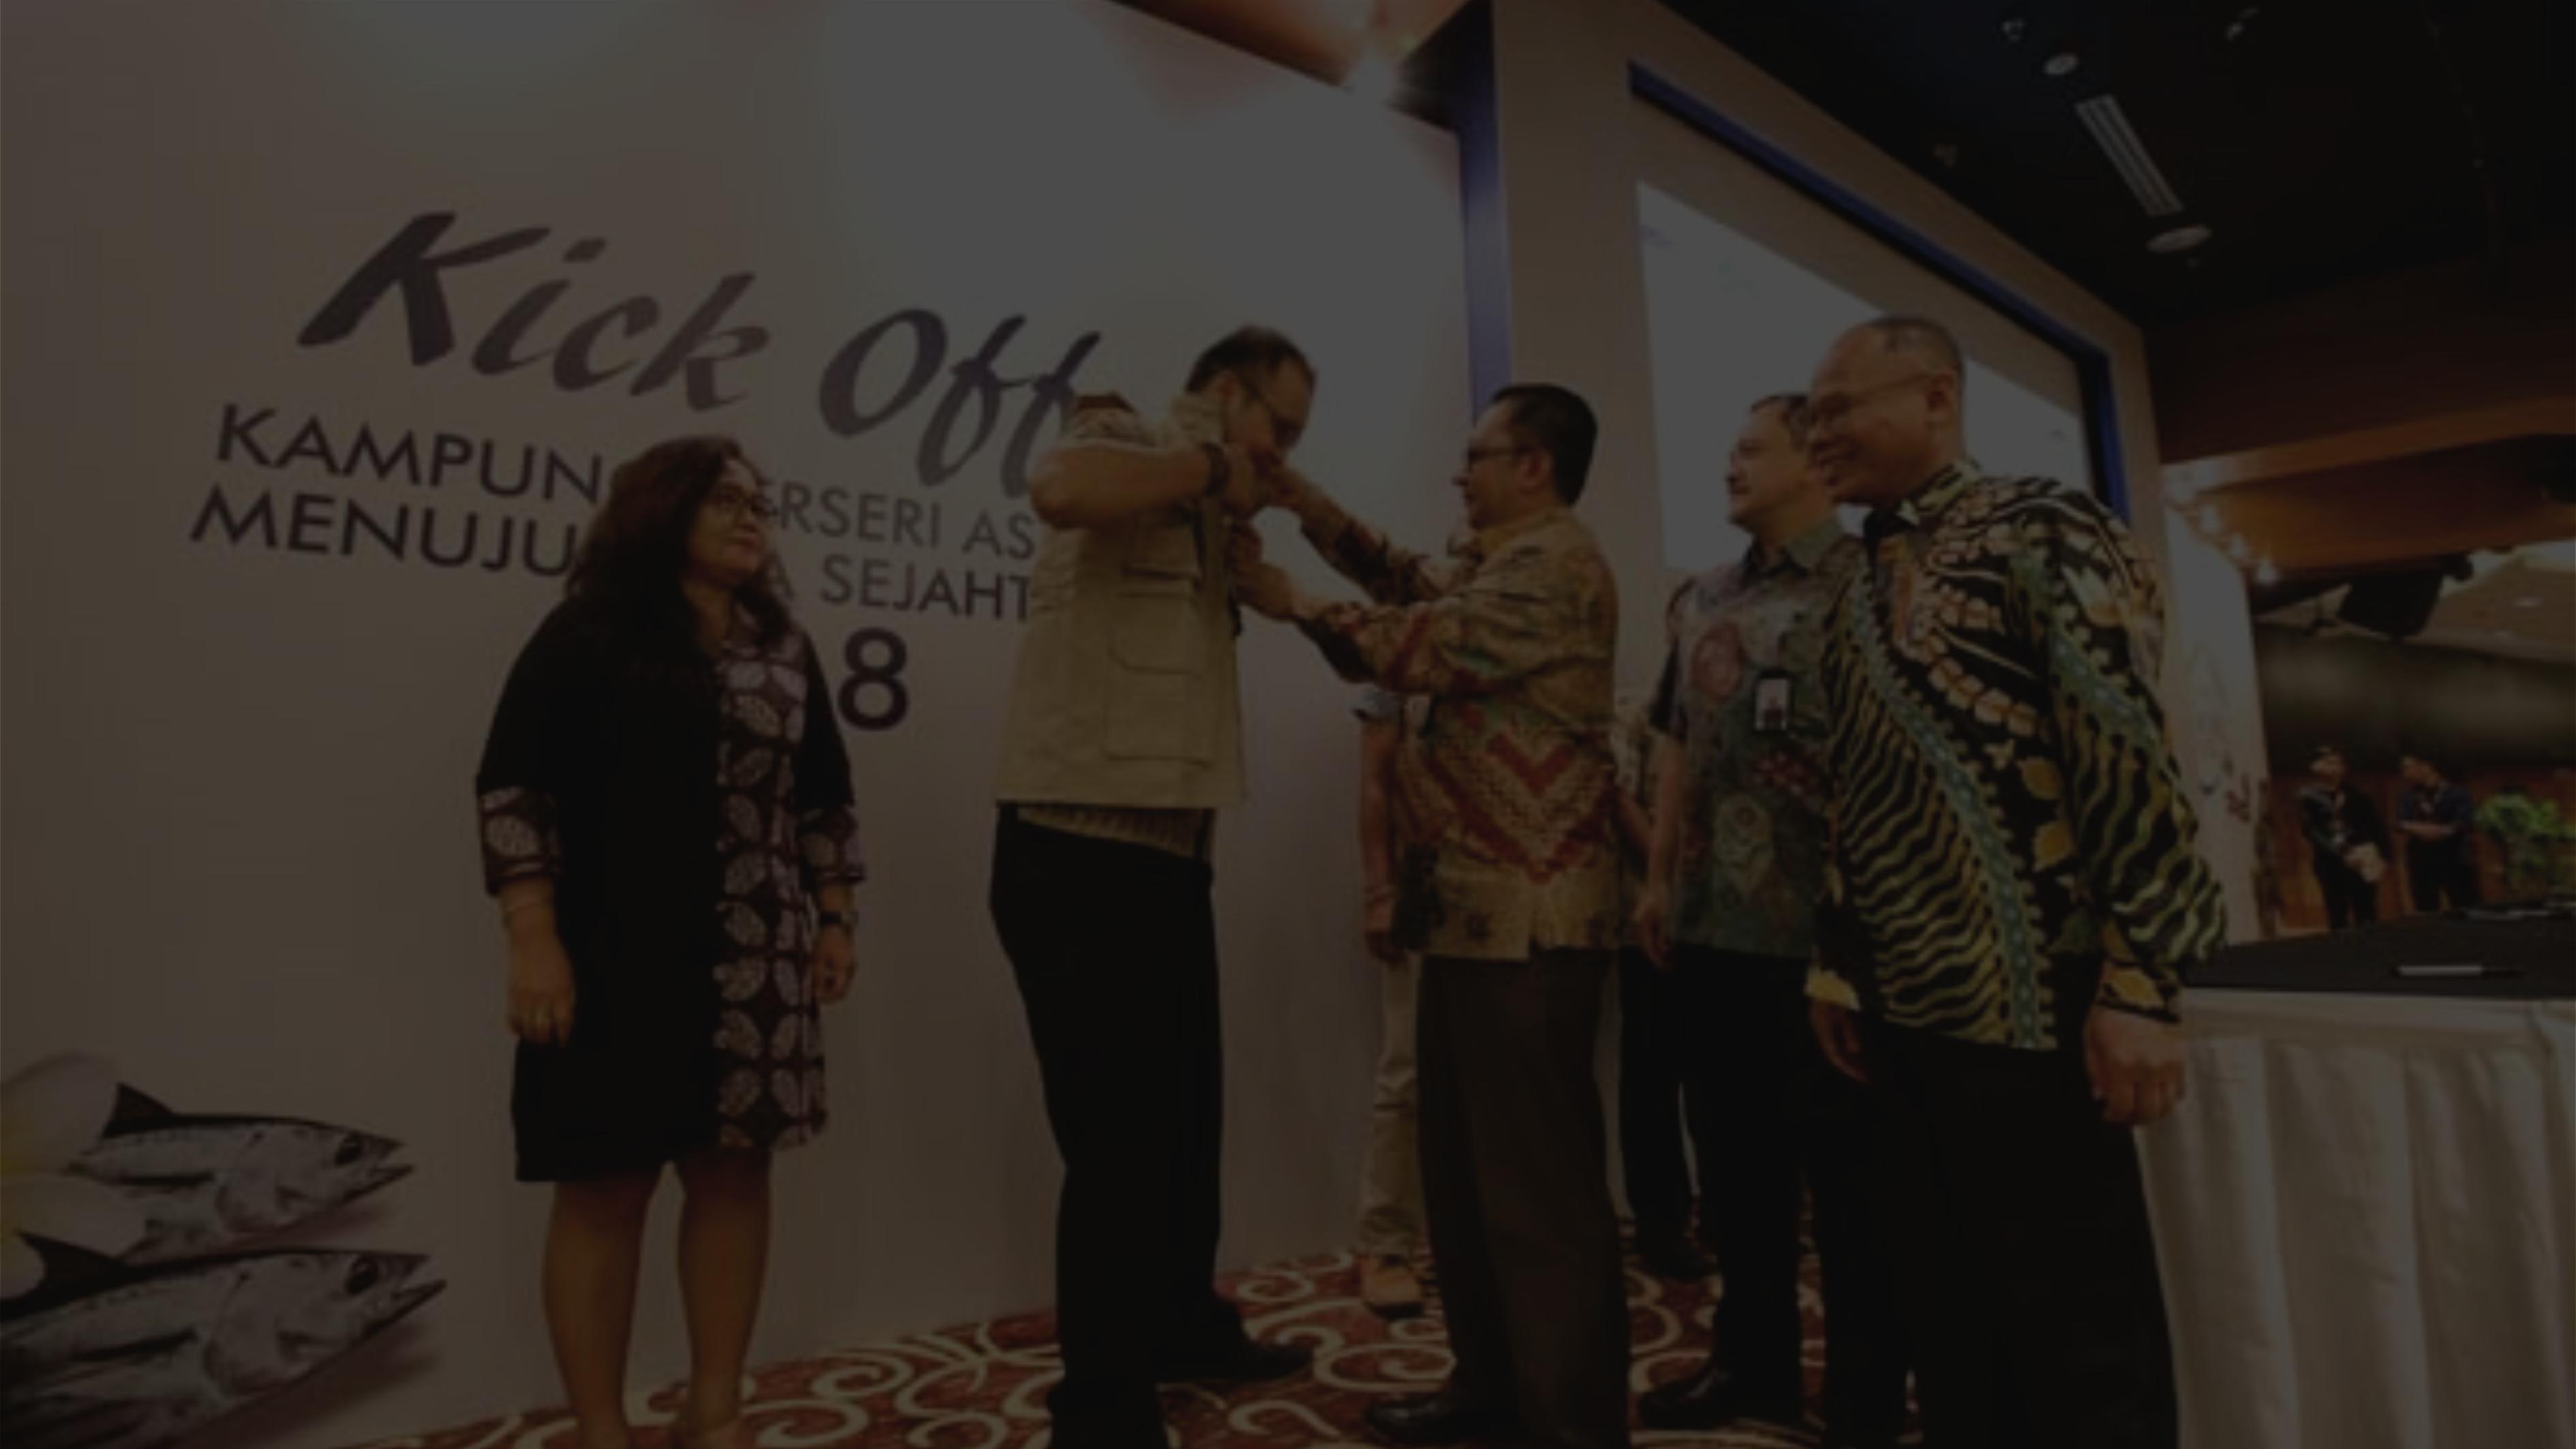 Semut Nusantara bekerjasama dengan Kampung Berseri Astra